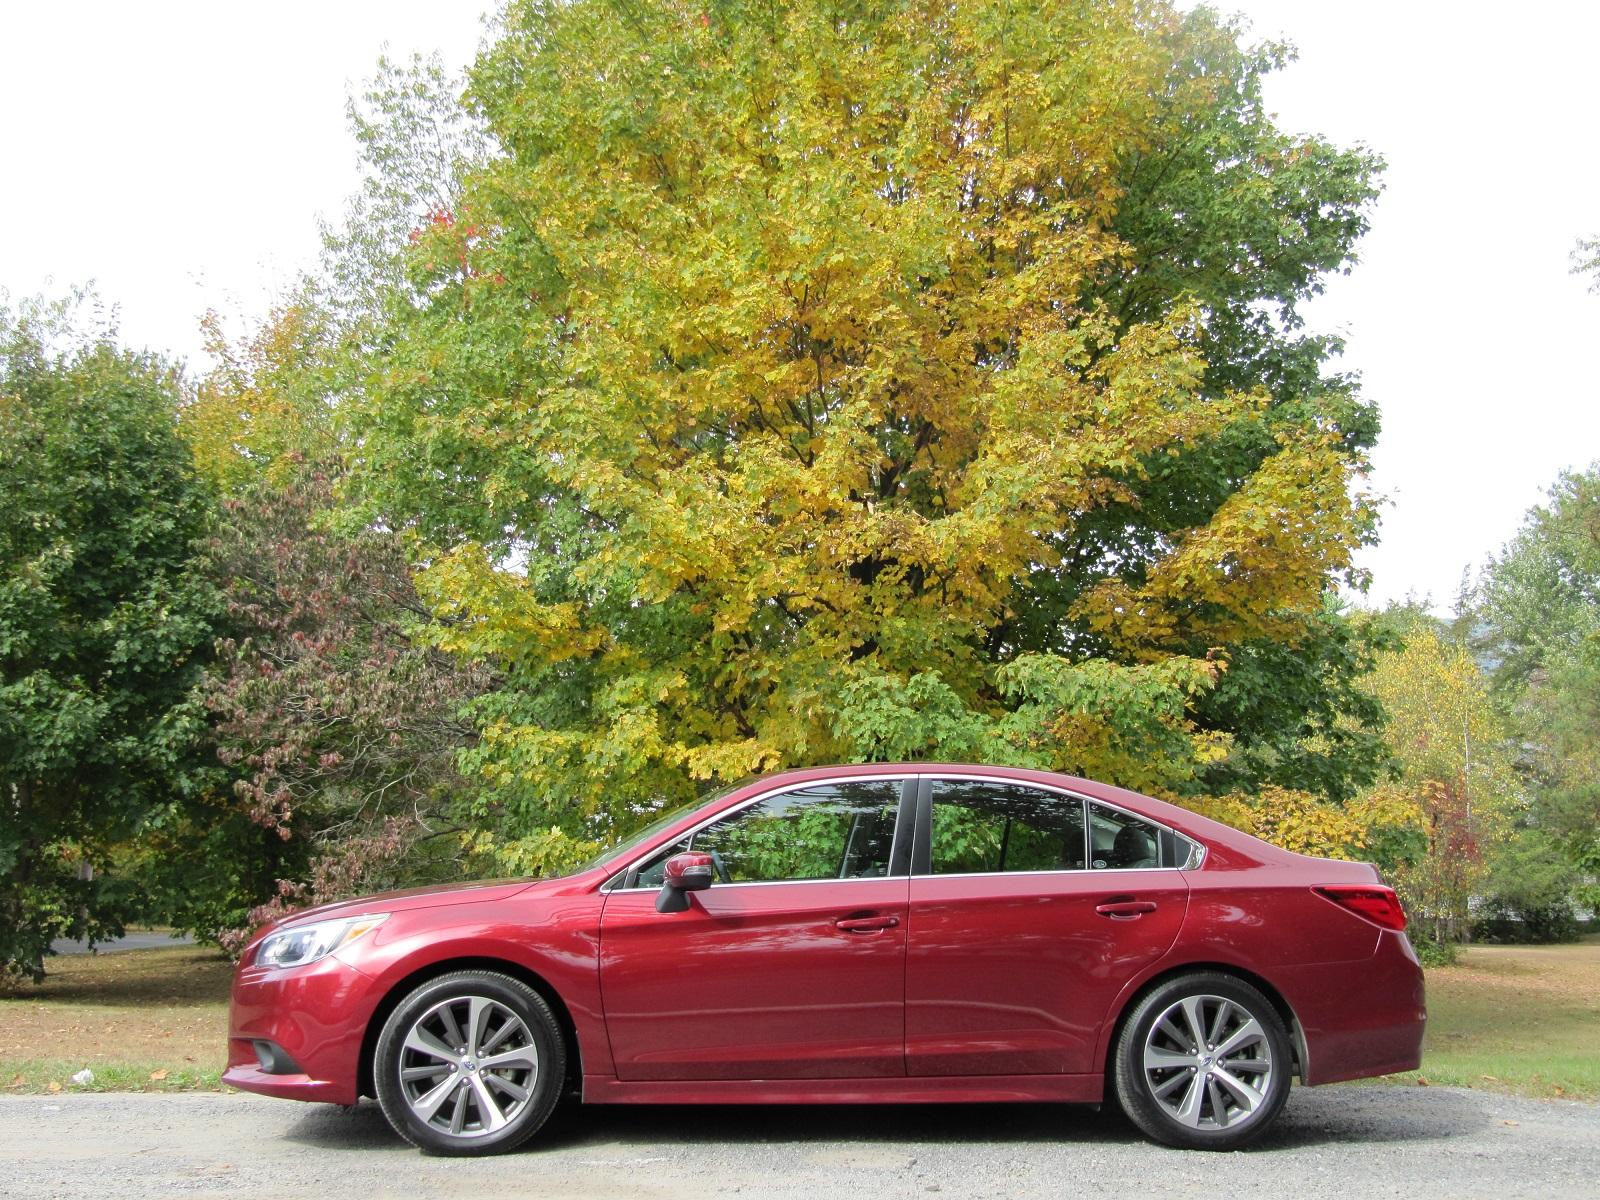 2015 Subaru Legacy Gas Mileage We Test Both 2 5i And 3 6r